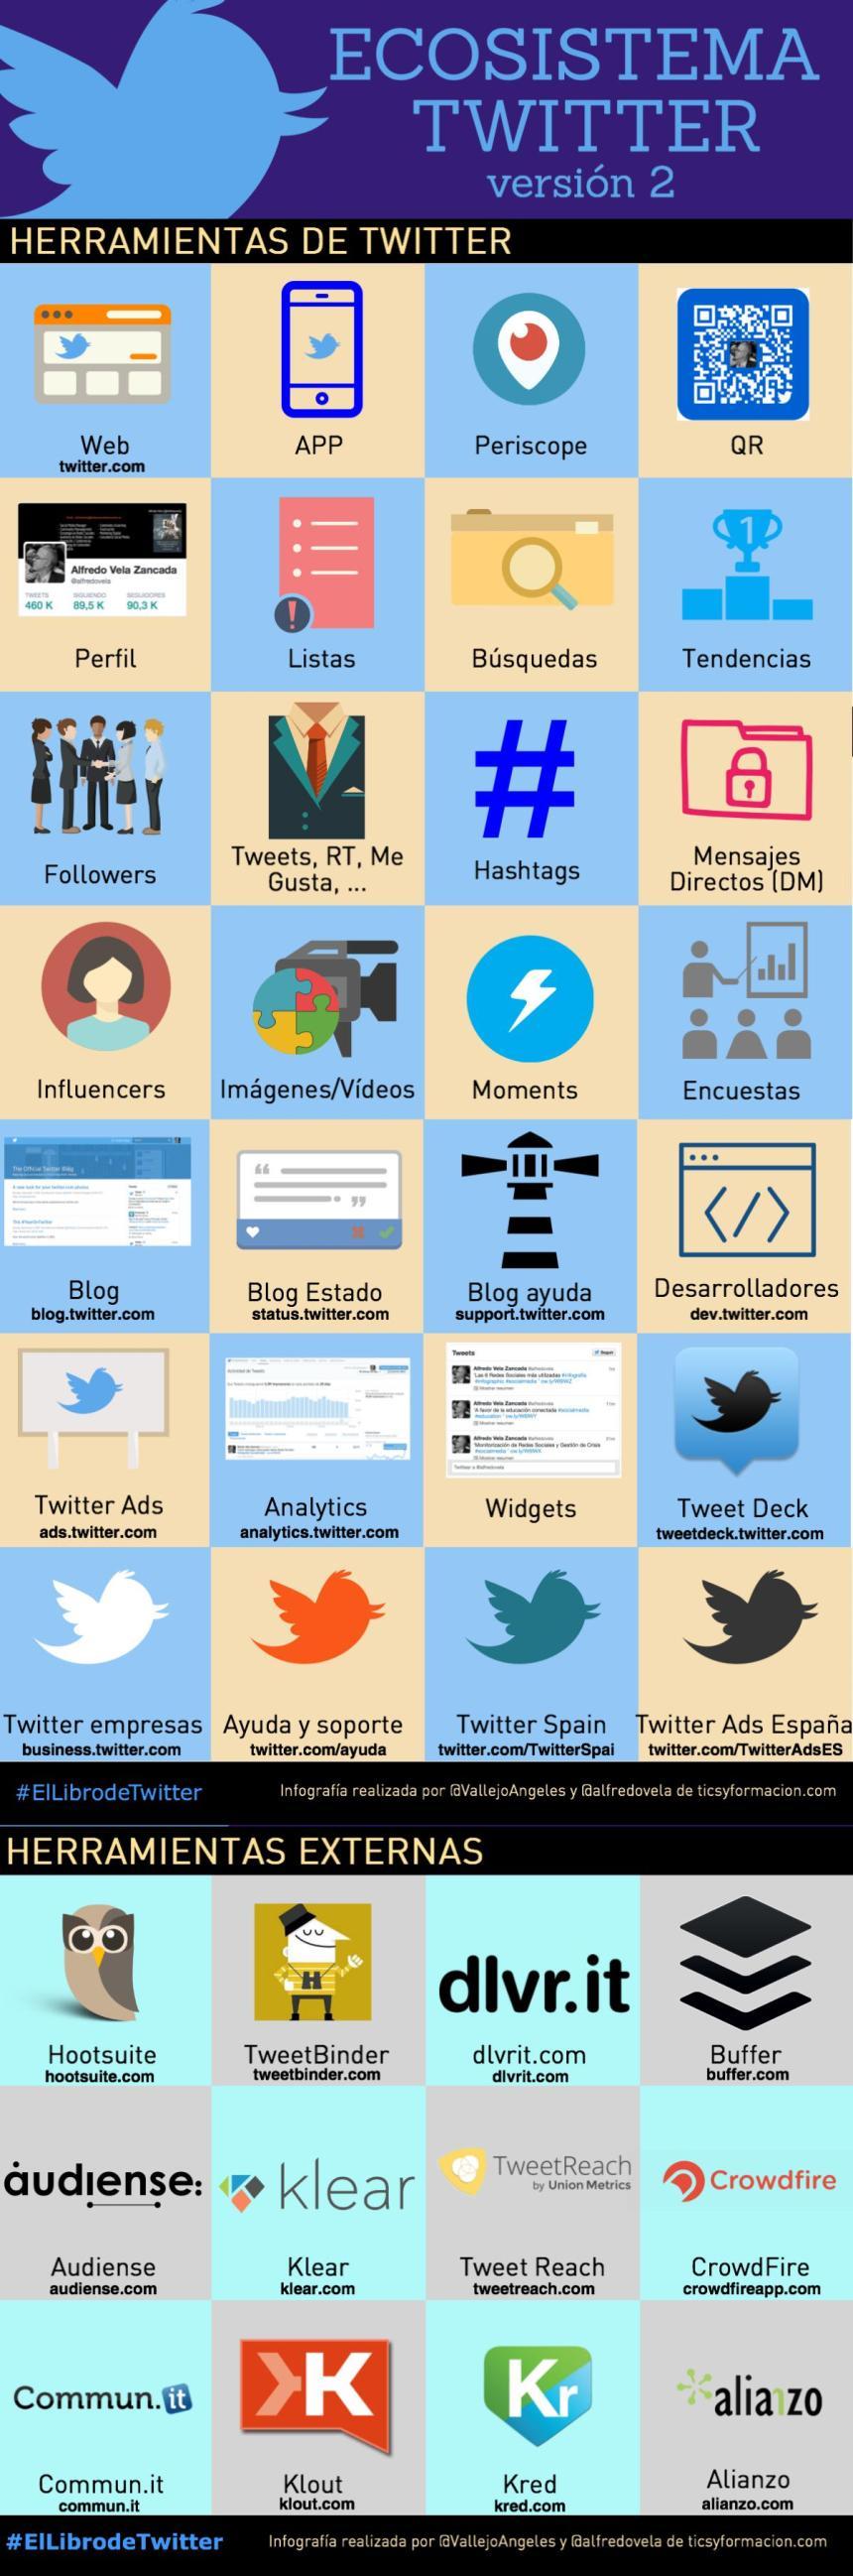 El Ecosistema en Twitter